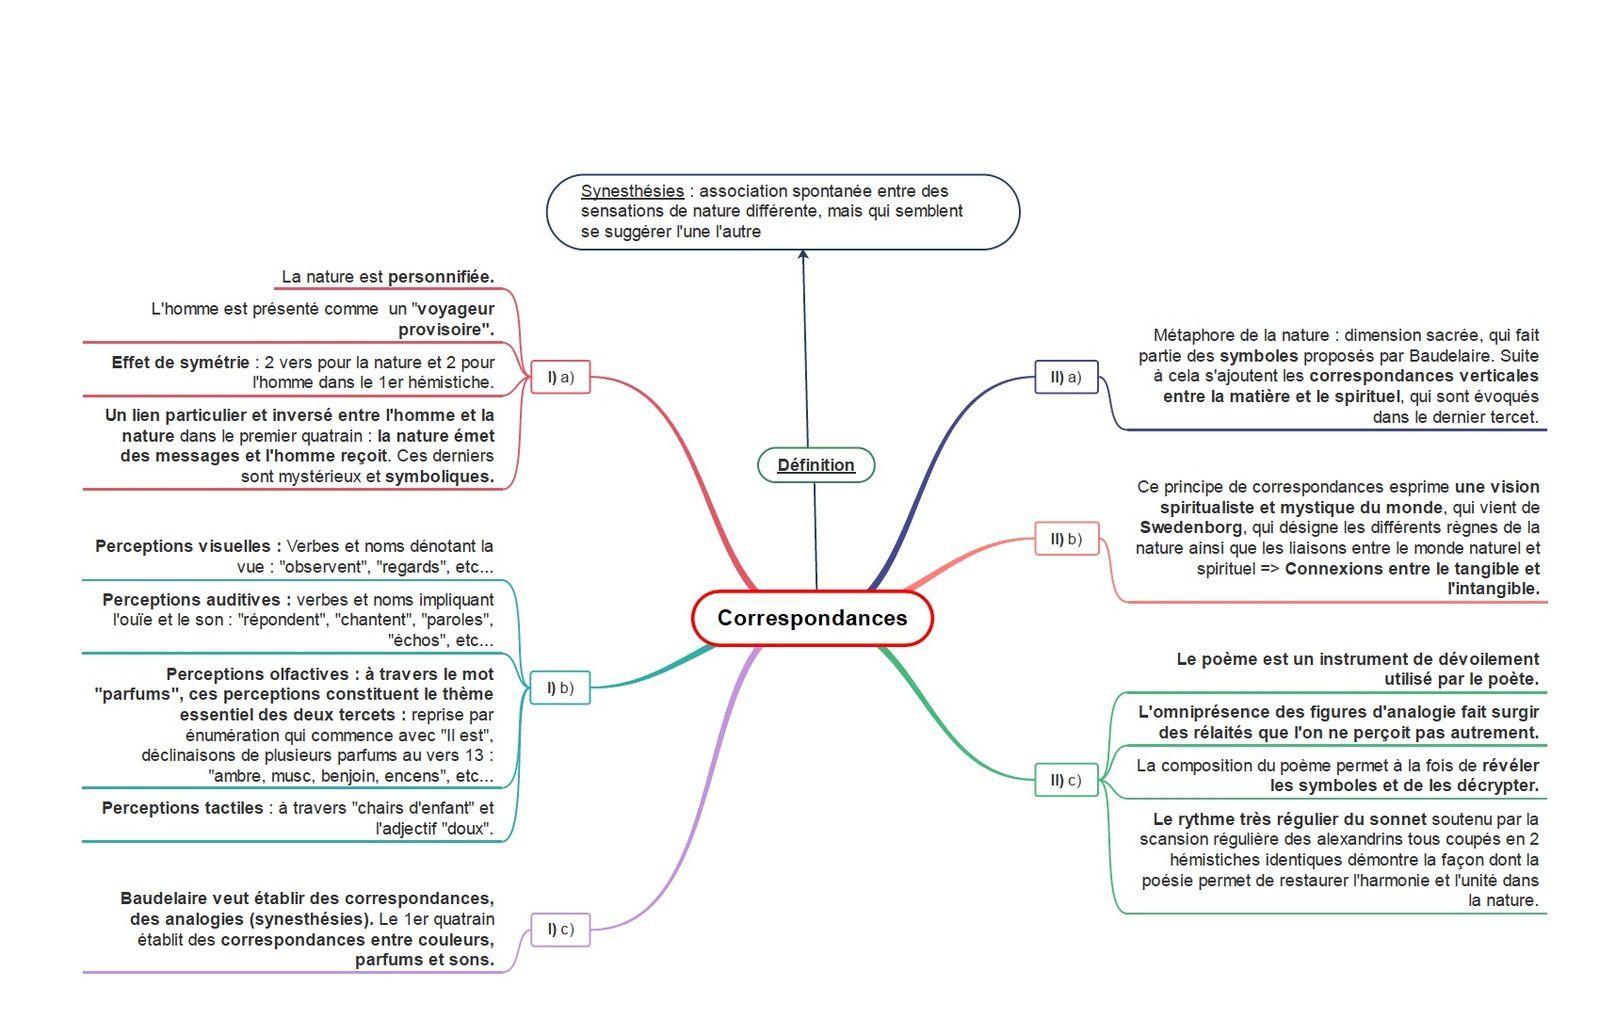 """Carte mentale portant sur """"Correspondances""""."""